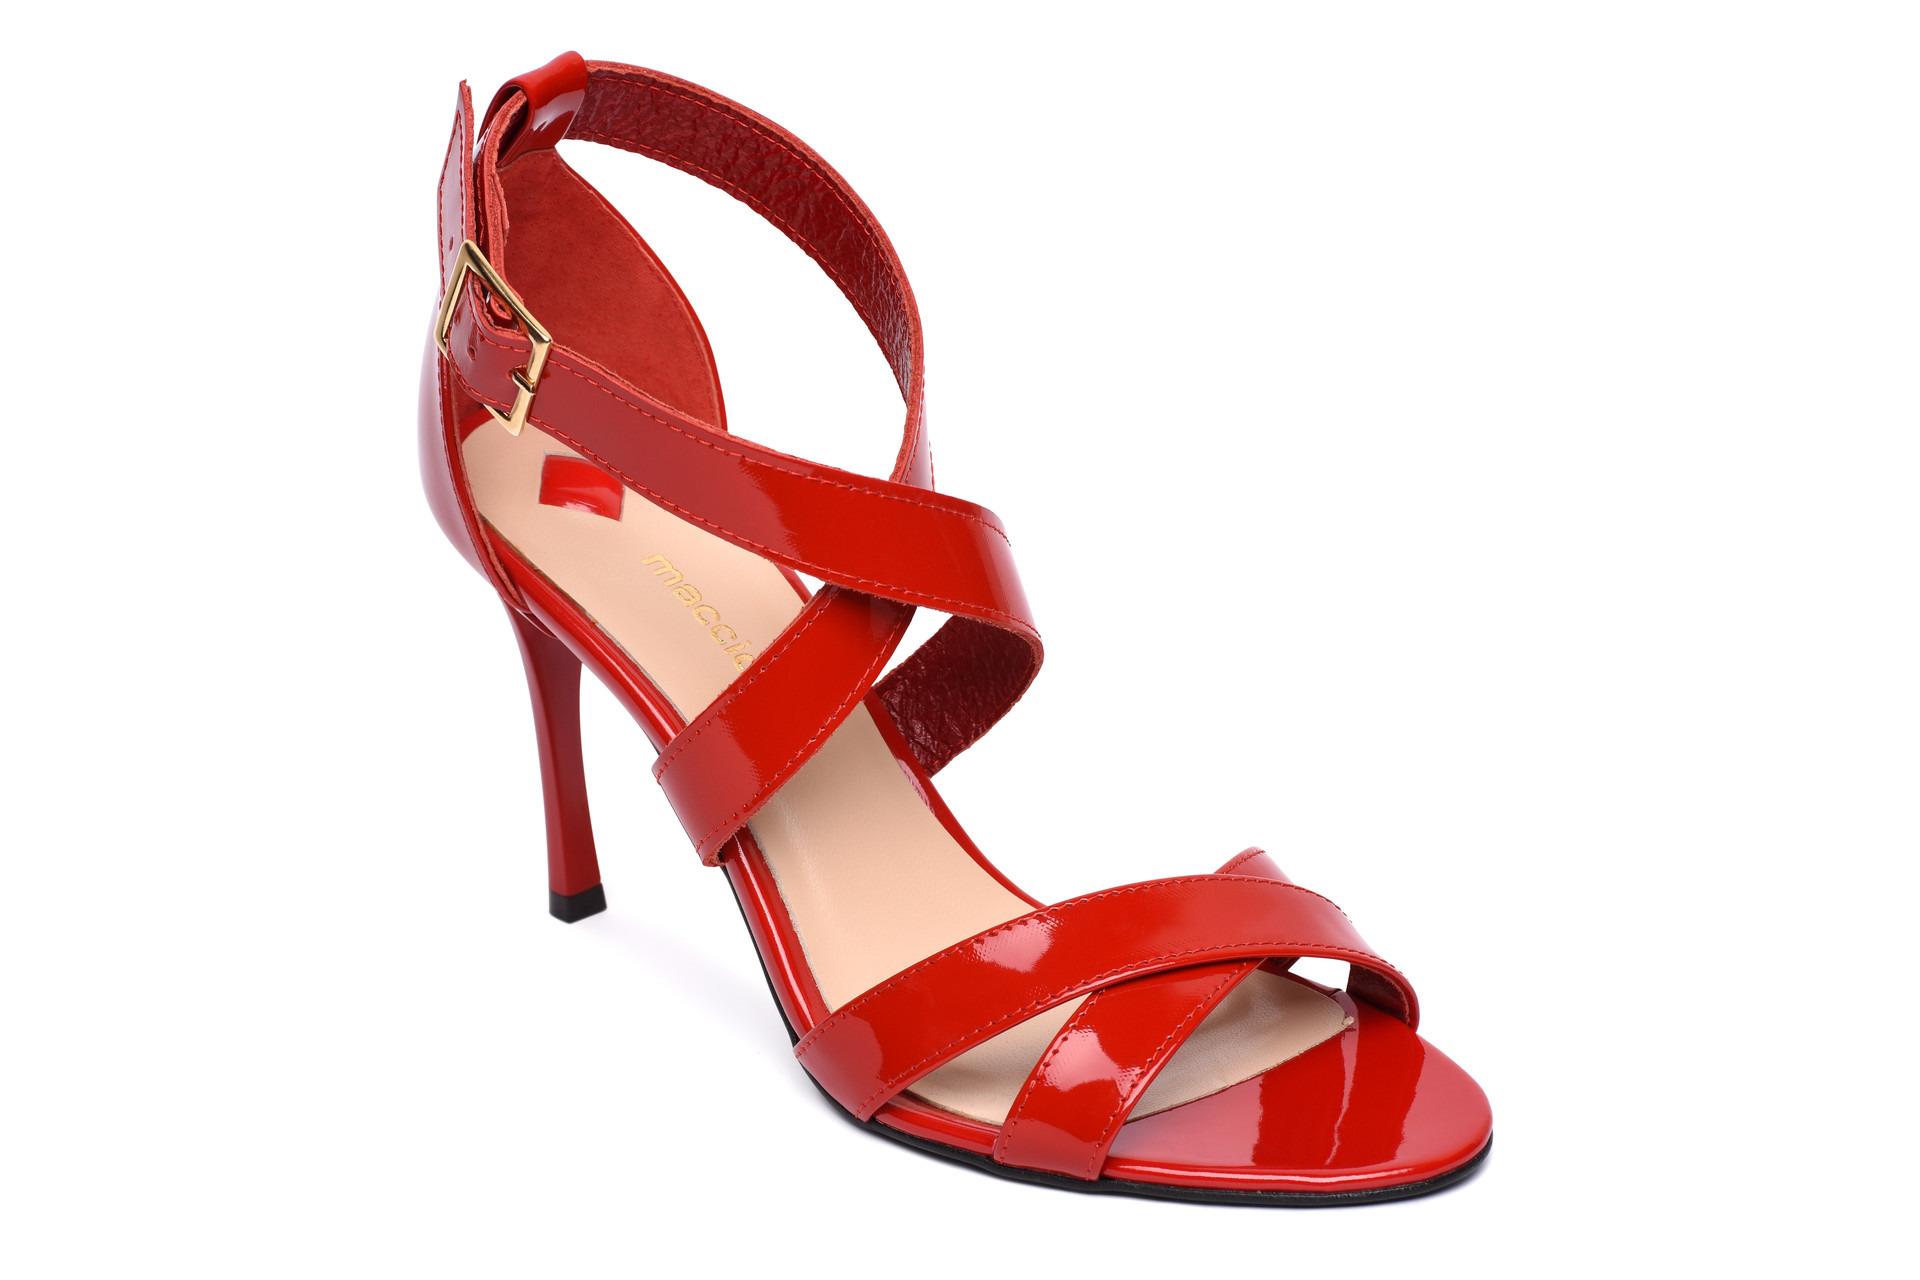 6ec00bad11 GALLERY SHOES - Sandále - Sandále červené lakové maccioni